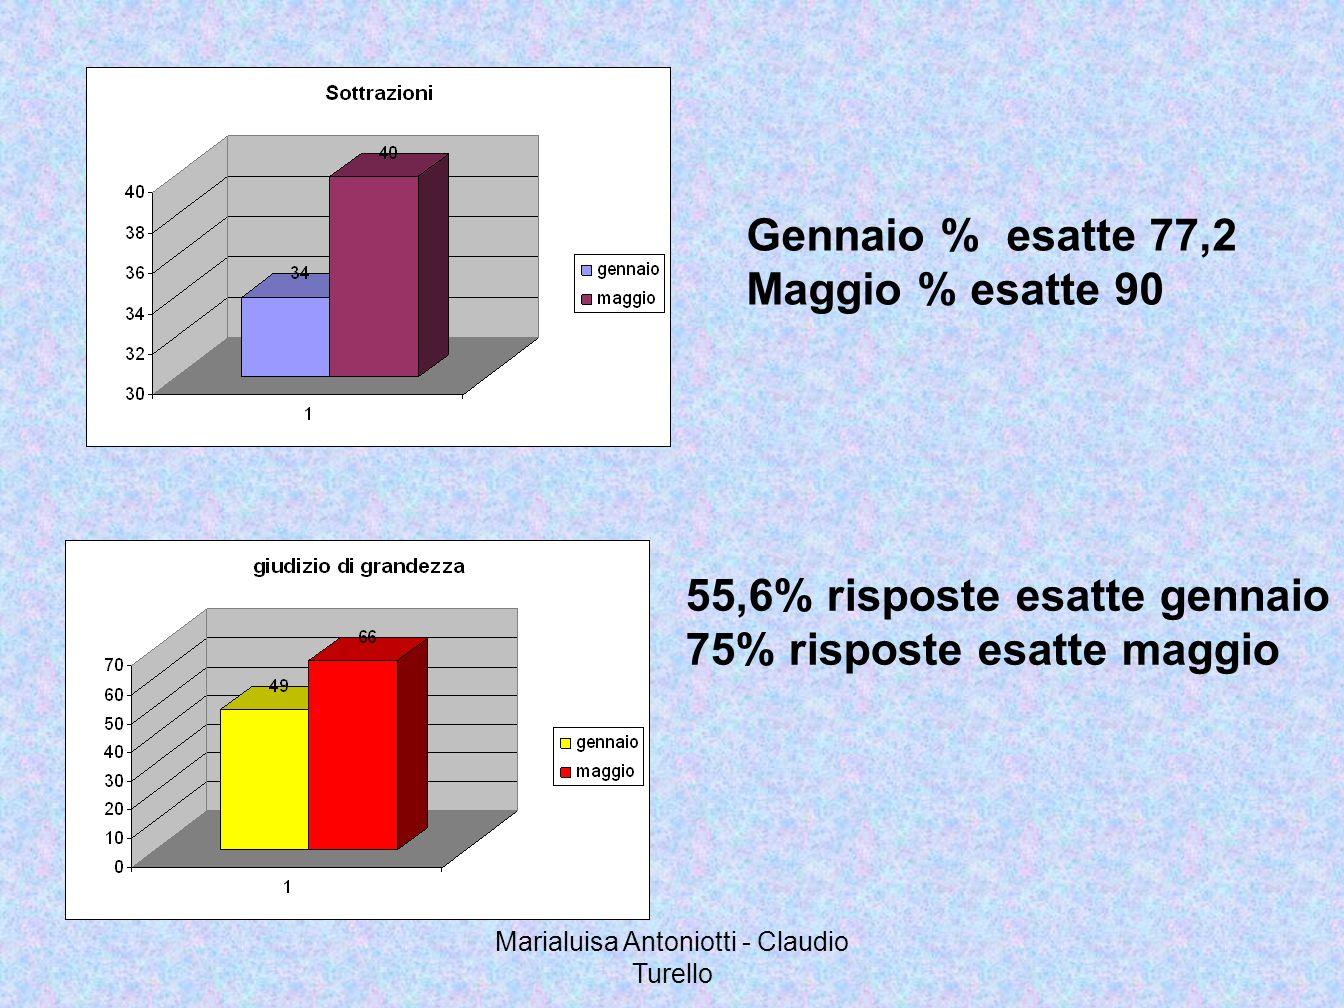 Marialuisa Antoniotti - Claudio Turello Gennaio % esatte 77,2 Maggio % esatte 90 55,6% risposte esatte gennaio 75% risposte esatte maggio